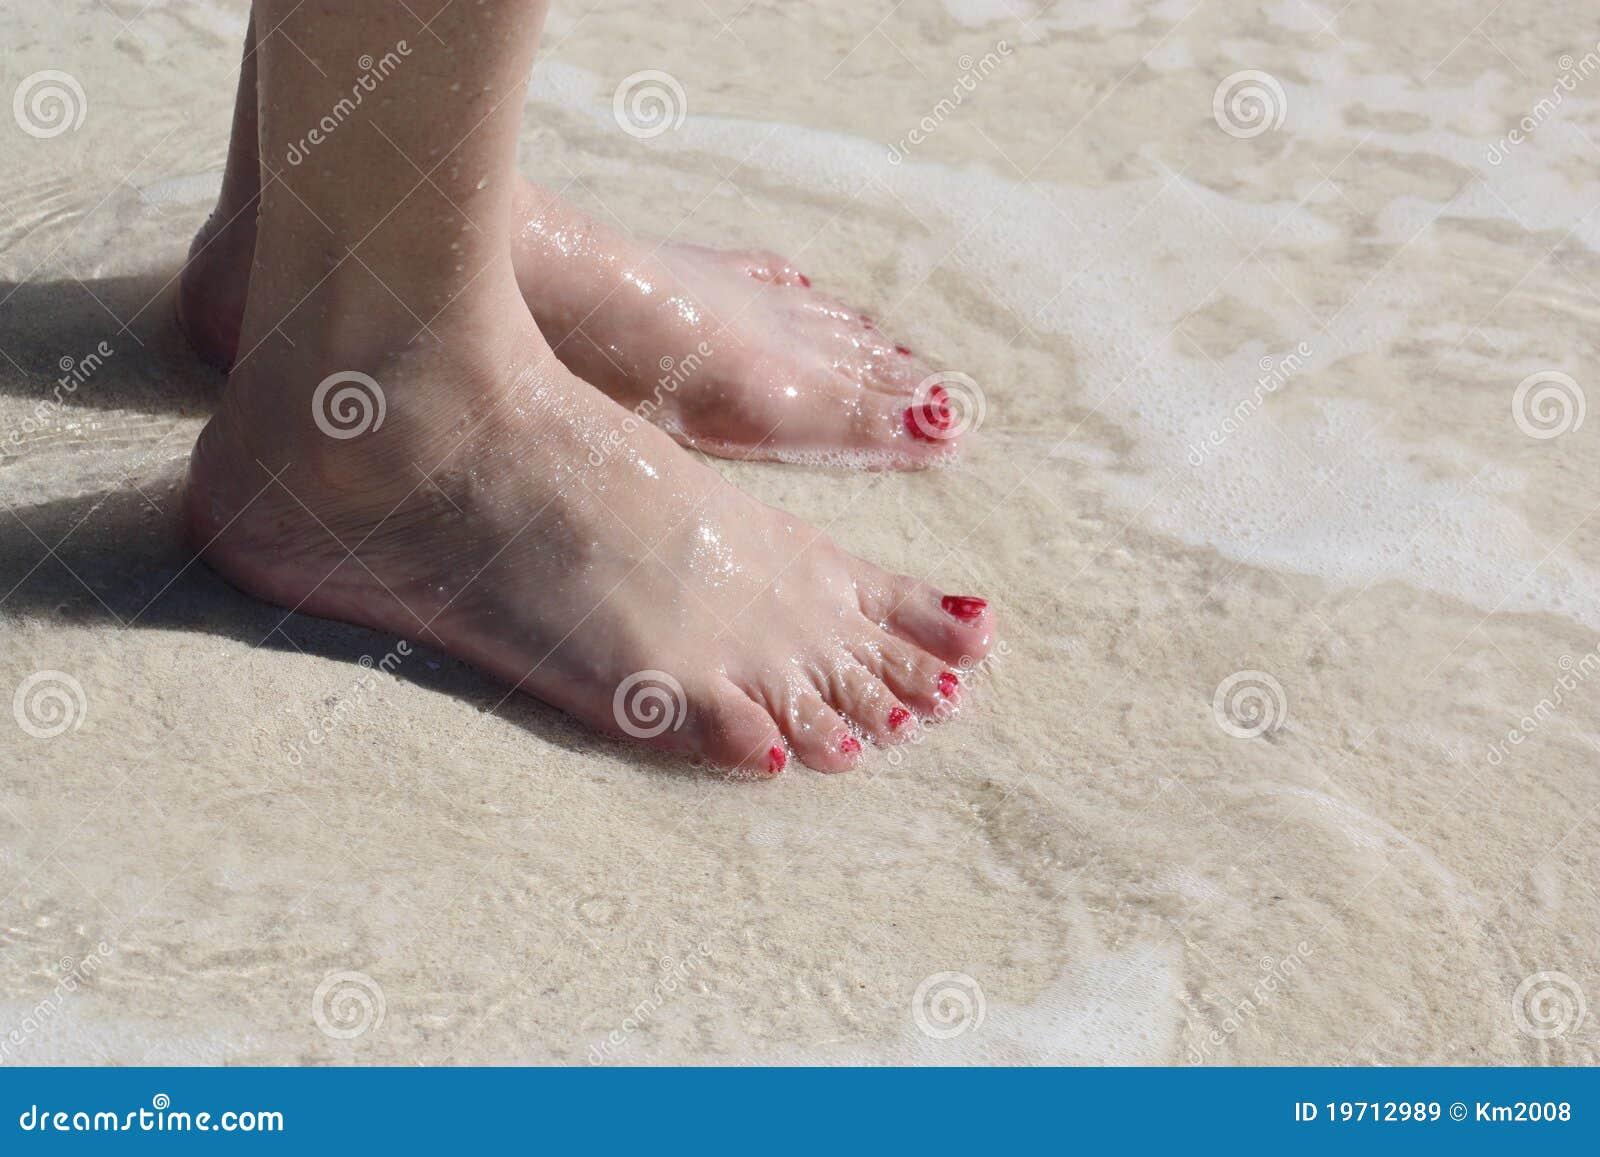 pieds de femme sur l 39 eau de plage image stock image du sunset ar nac 19712989. Black Bedroom Furniture Sets. Home Design Ideas